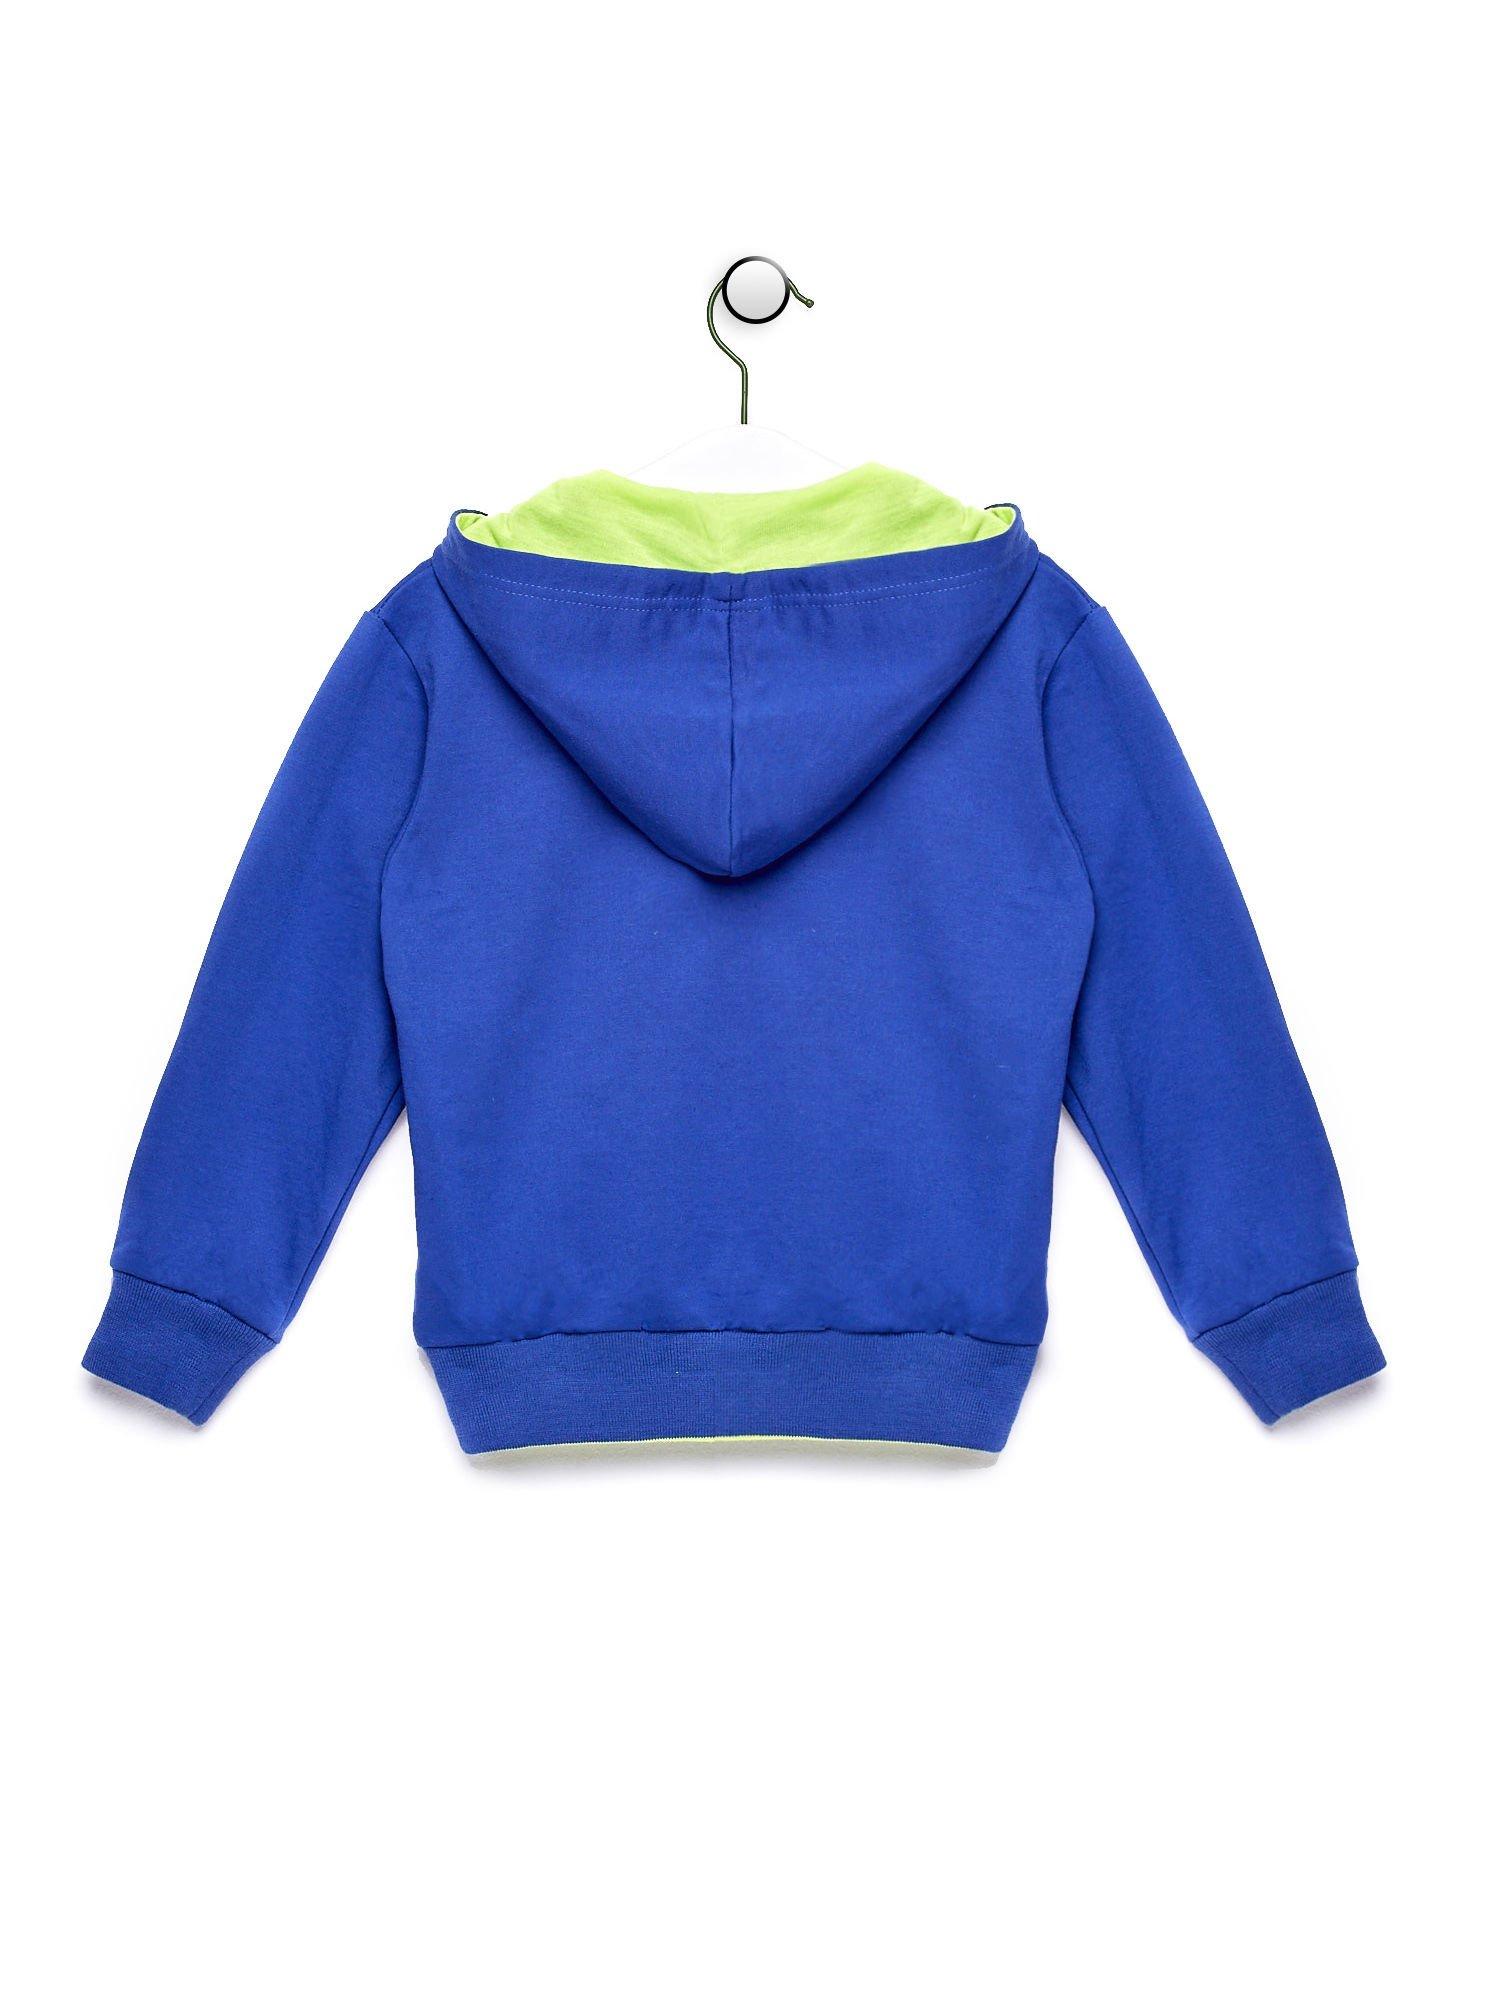 Niebieska bluza chłopięca z napisem HOLLY WEEK